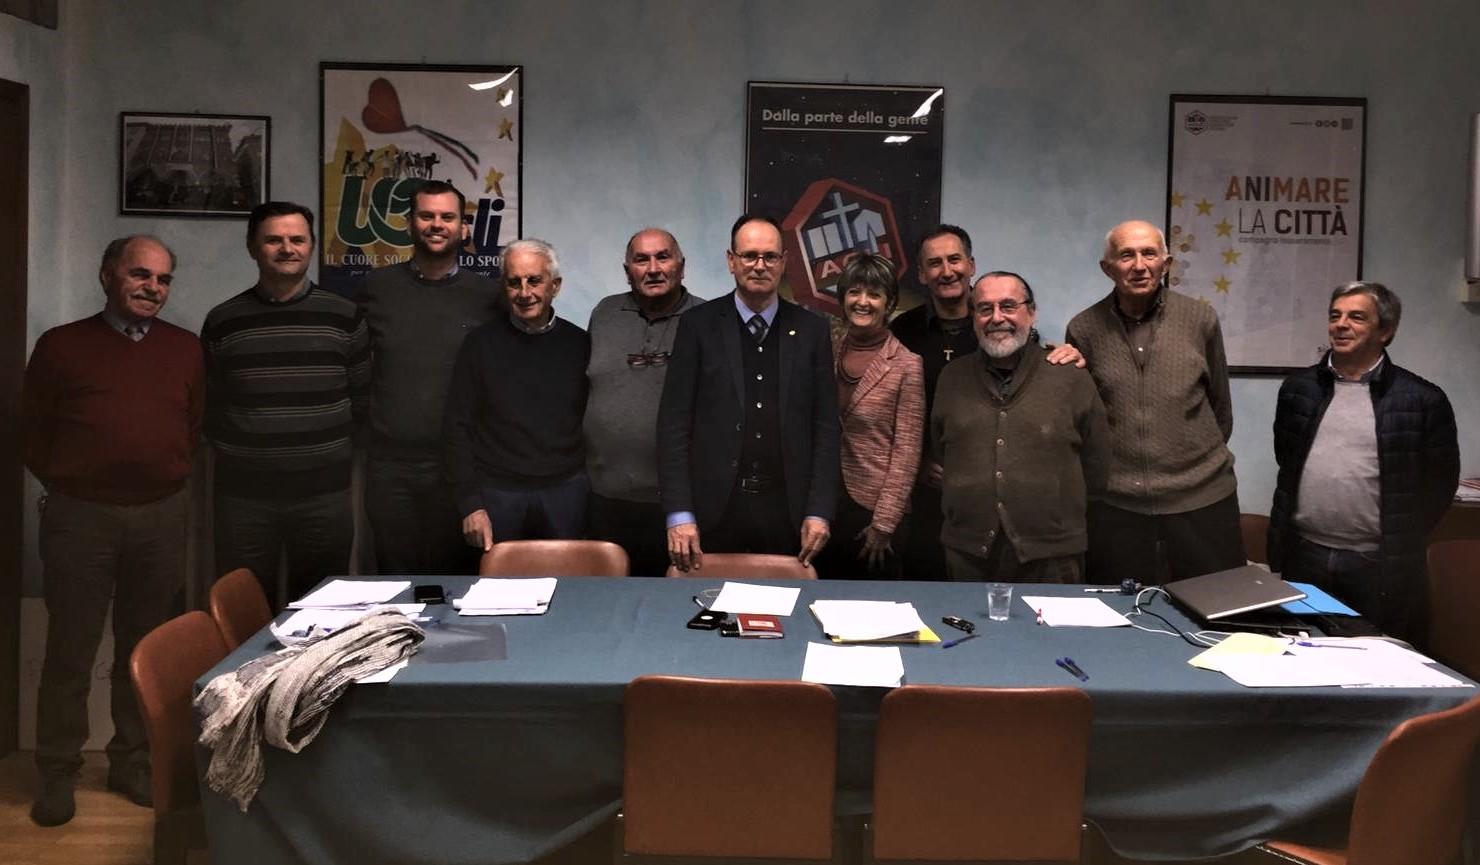 Acli di Cuneo, Elio Lingua è il nuovo presidente - La Fedeltà